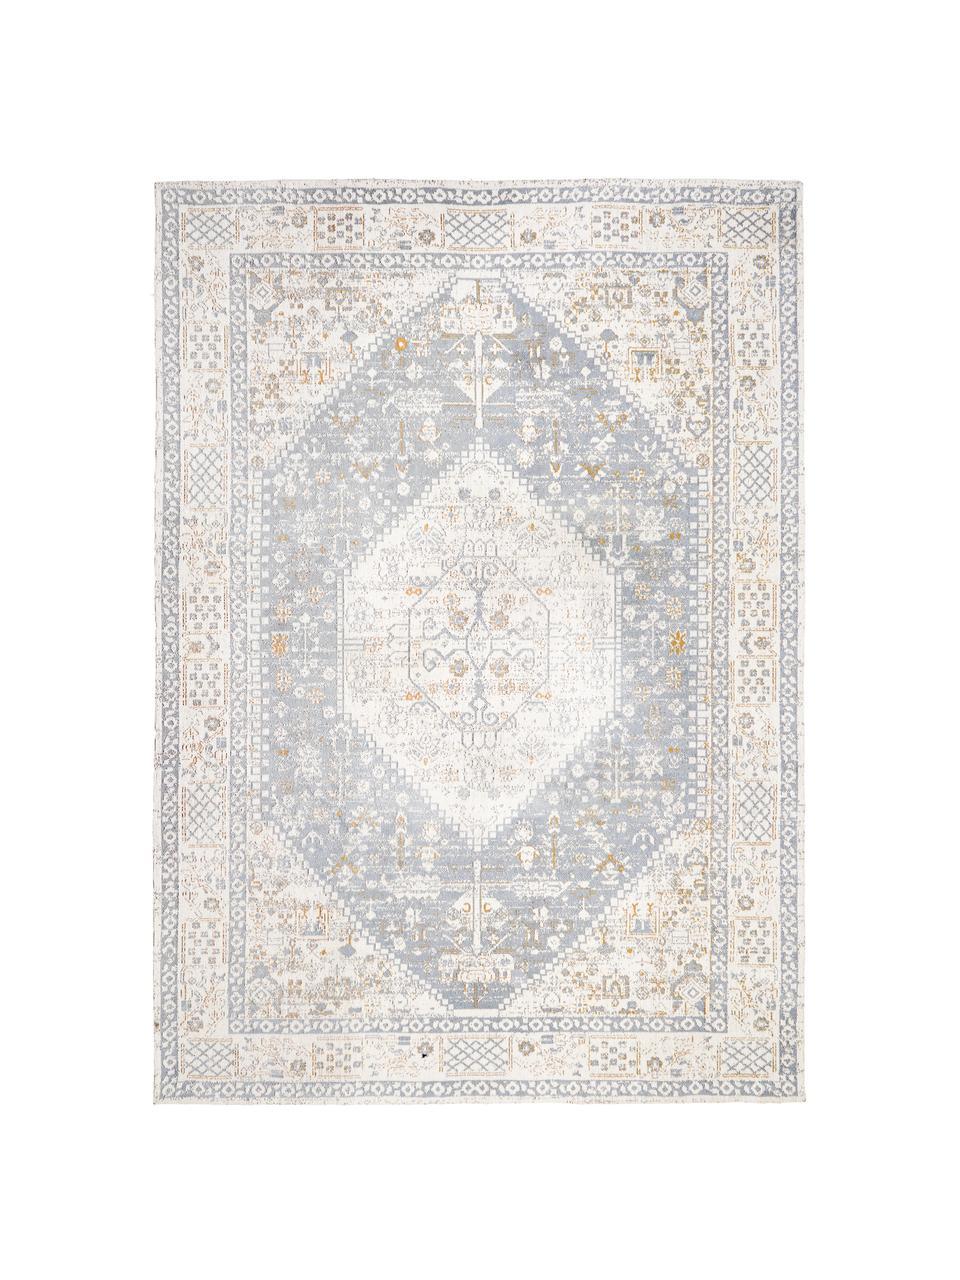 Handgewebter Chenilleteppich Neapel im Vintage Style, Flor: 95% Baumwolle, 5% Polyest, Taubenblau, Creme, Taupe, B 120 x L 180 cm (Größe S)